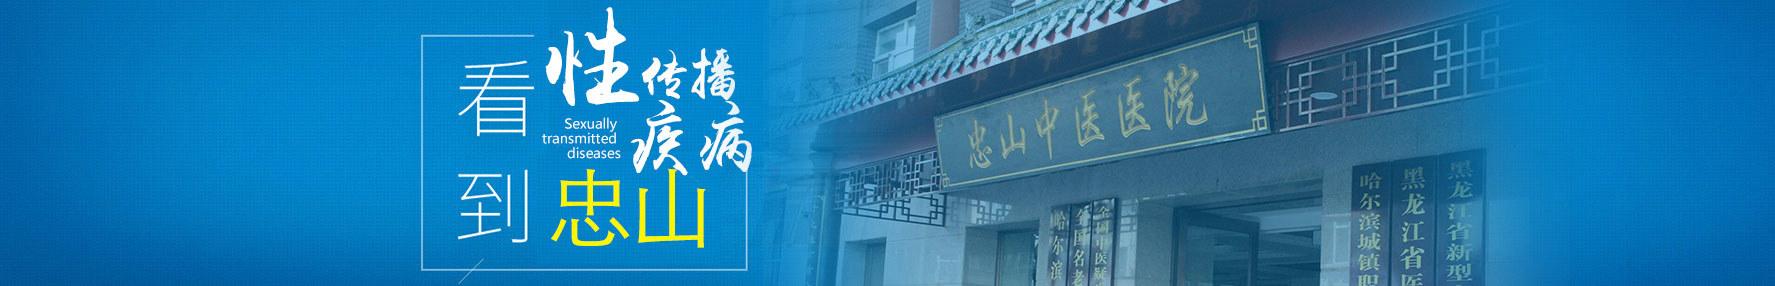 哈尔滨忠山中医医院